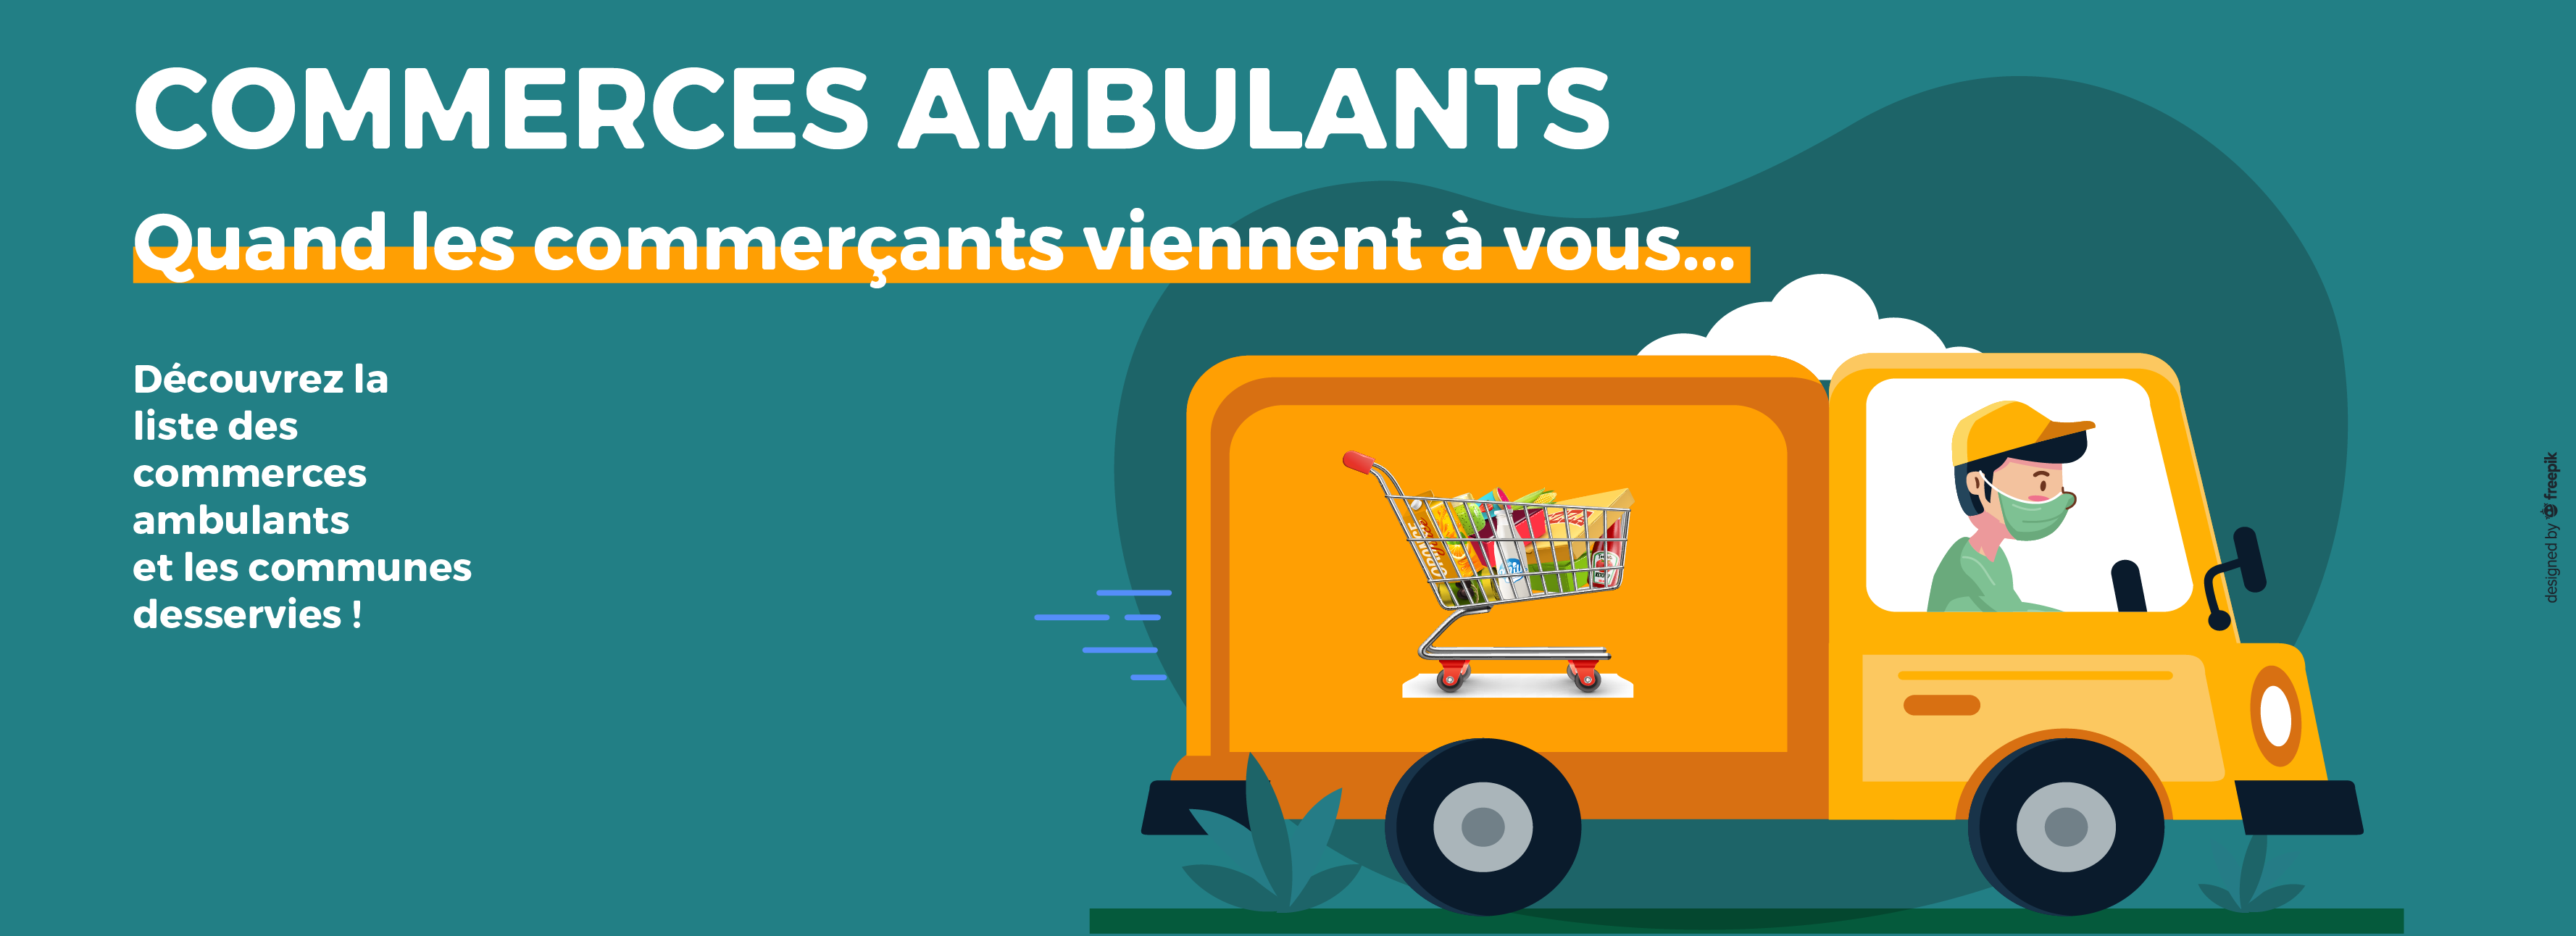 Commerces ambulants Saint-Flour Communauté